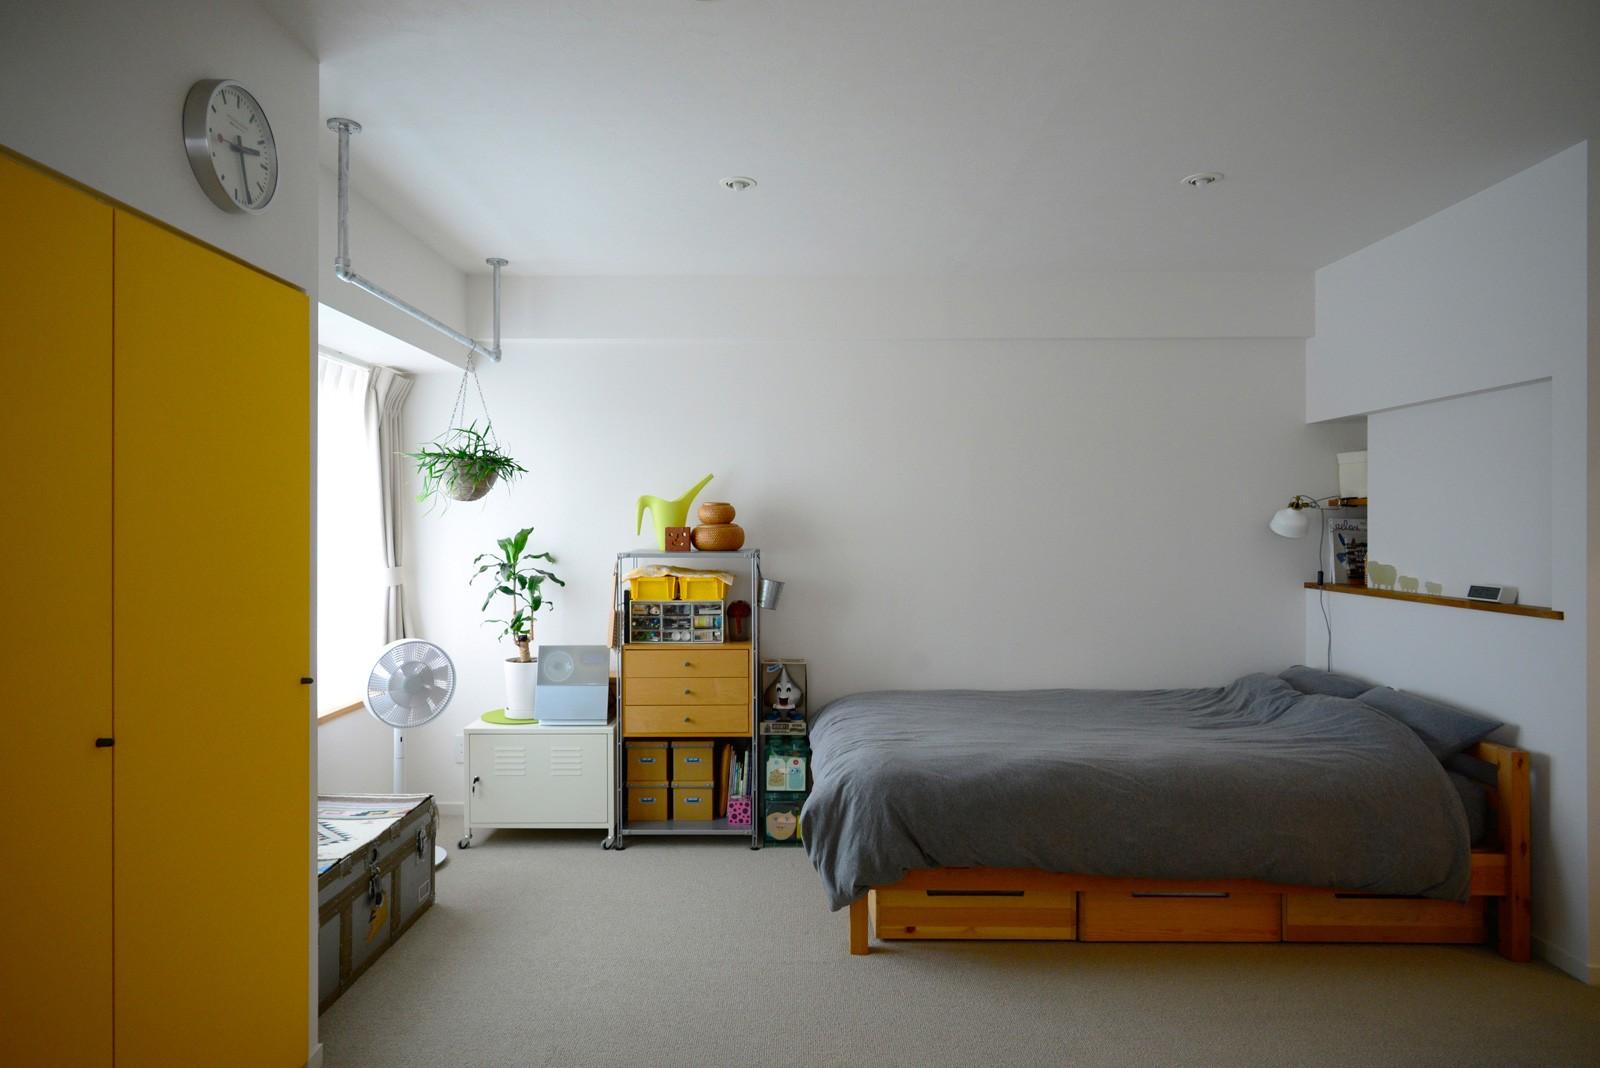 ベッドルーム事例:寝室(『JIBES』 ― 変えないリノベーション)